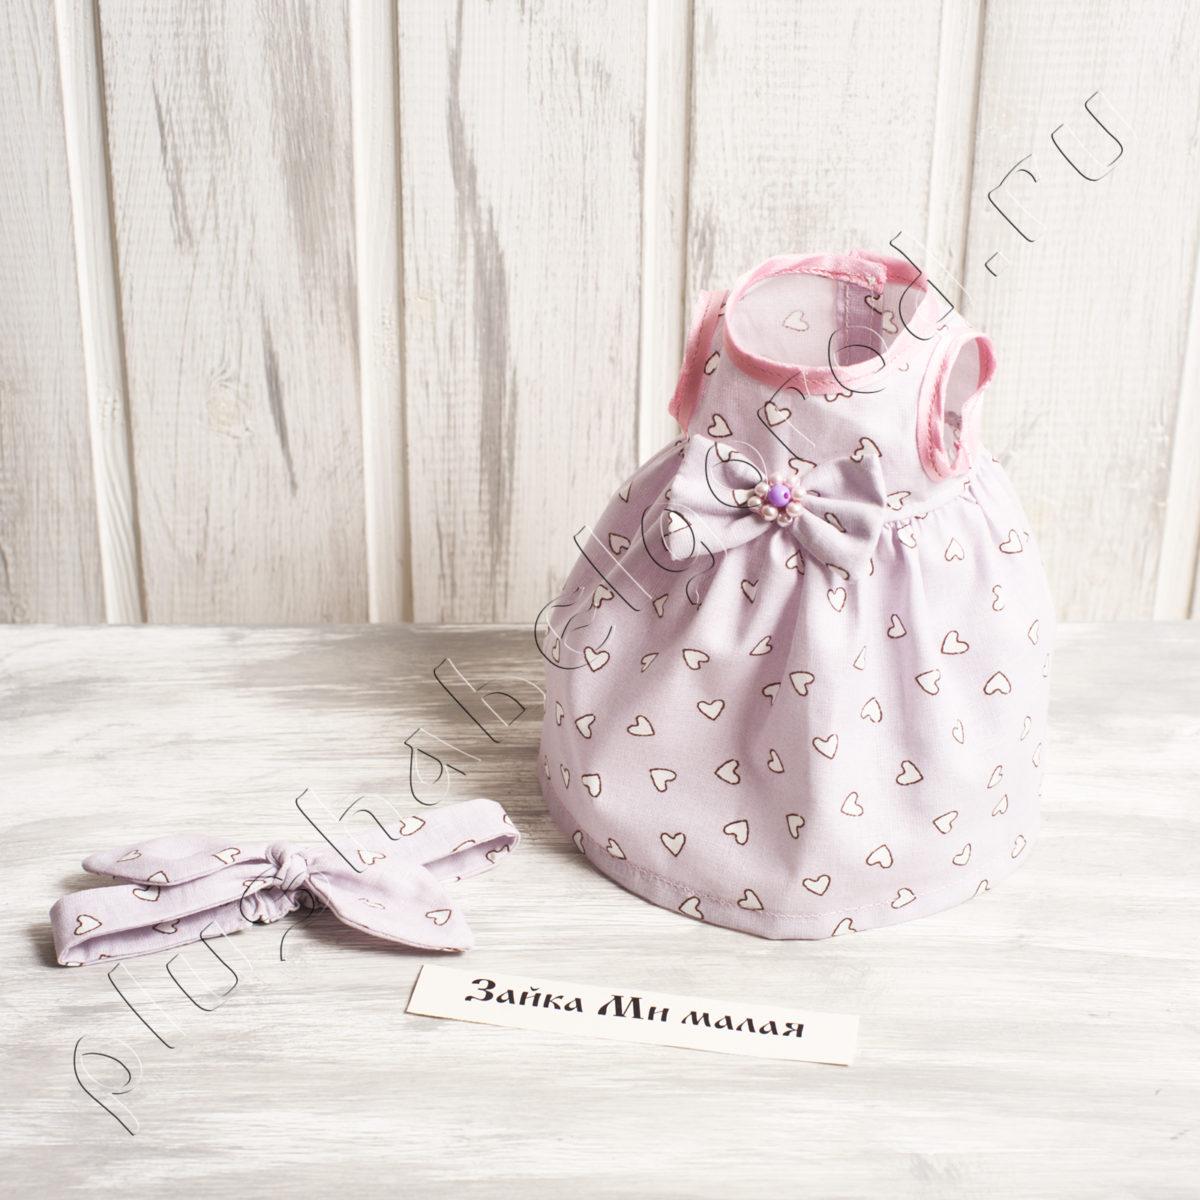 Платье с сердечками, солоха в подарок